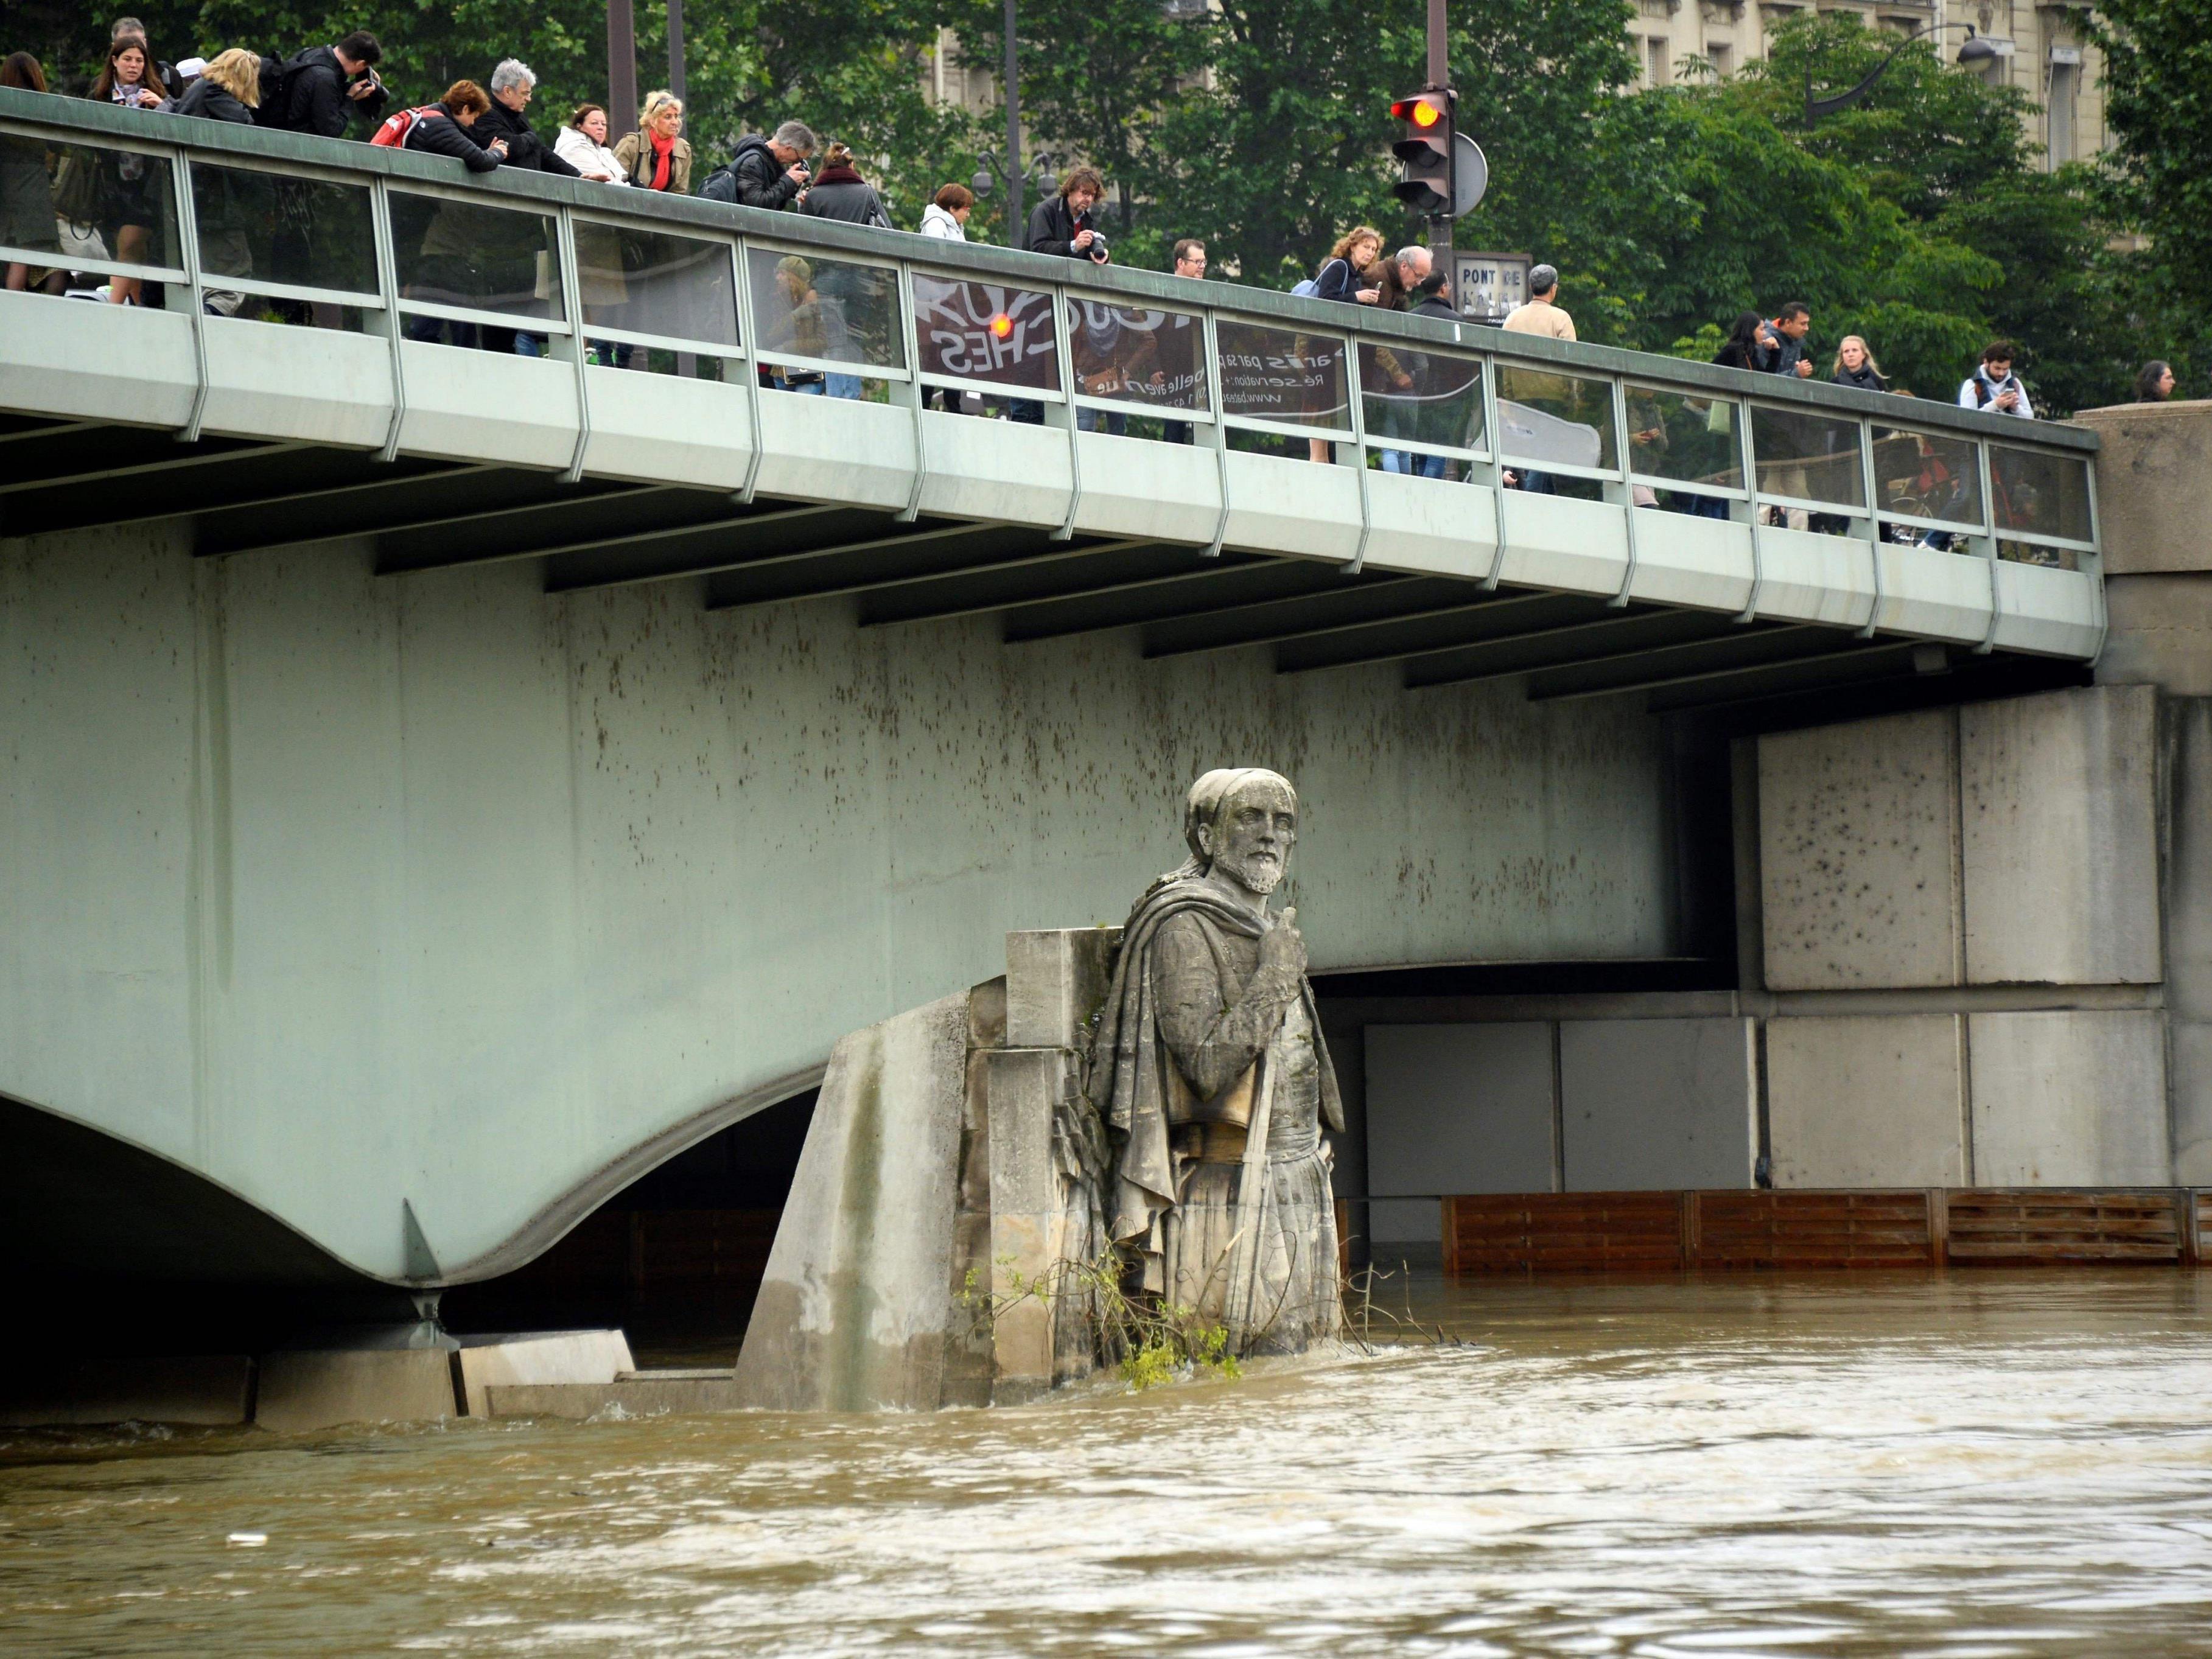 Der Fluss in Paris stieg auf ein Rekordniveau seit 1982.